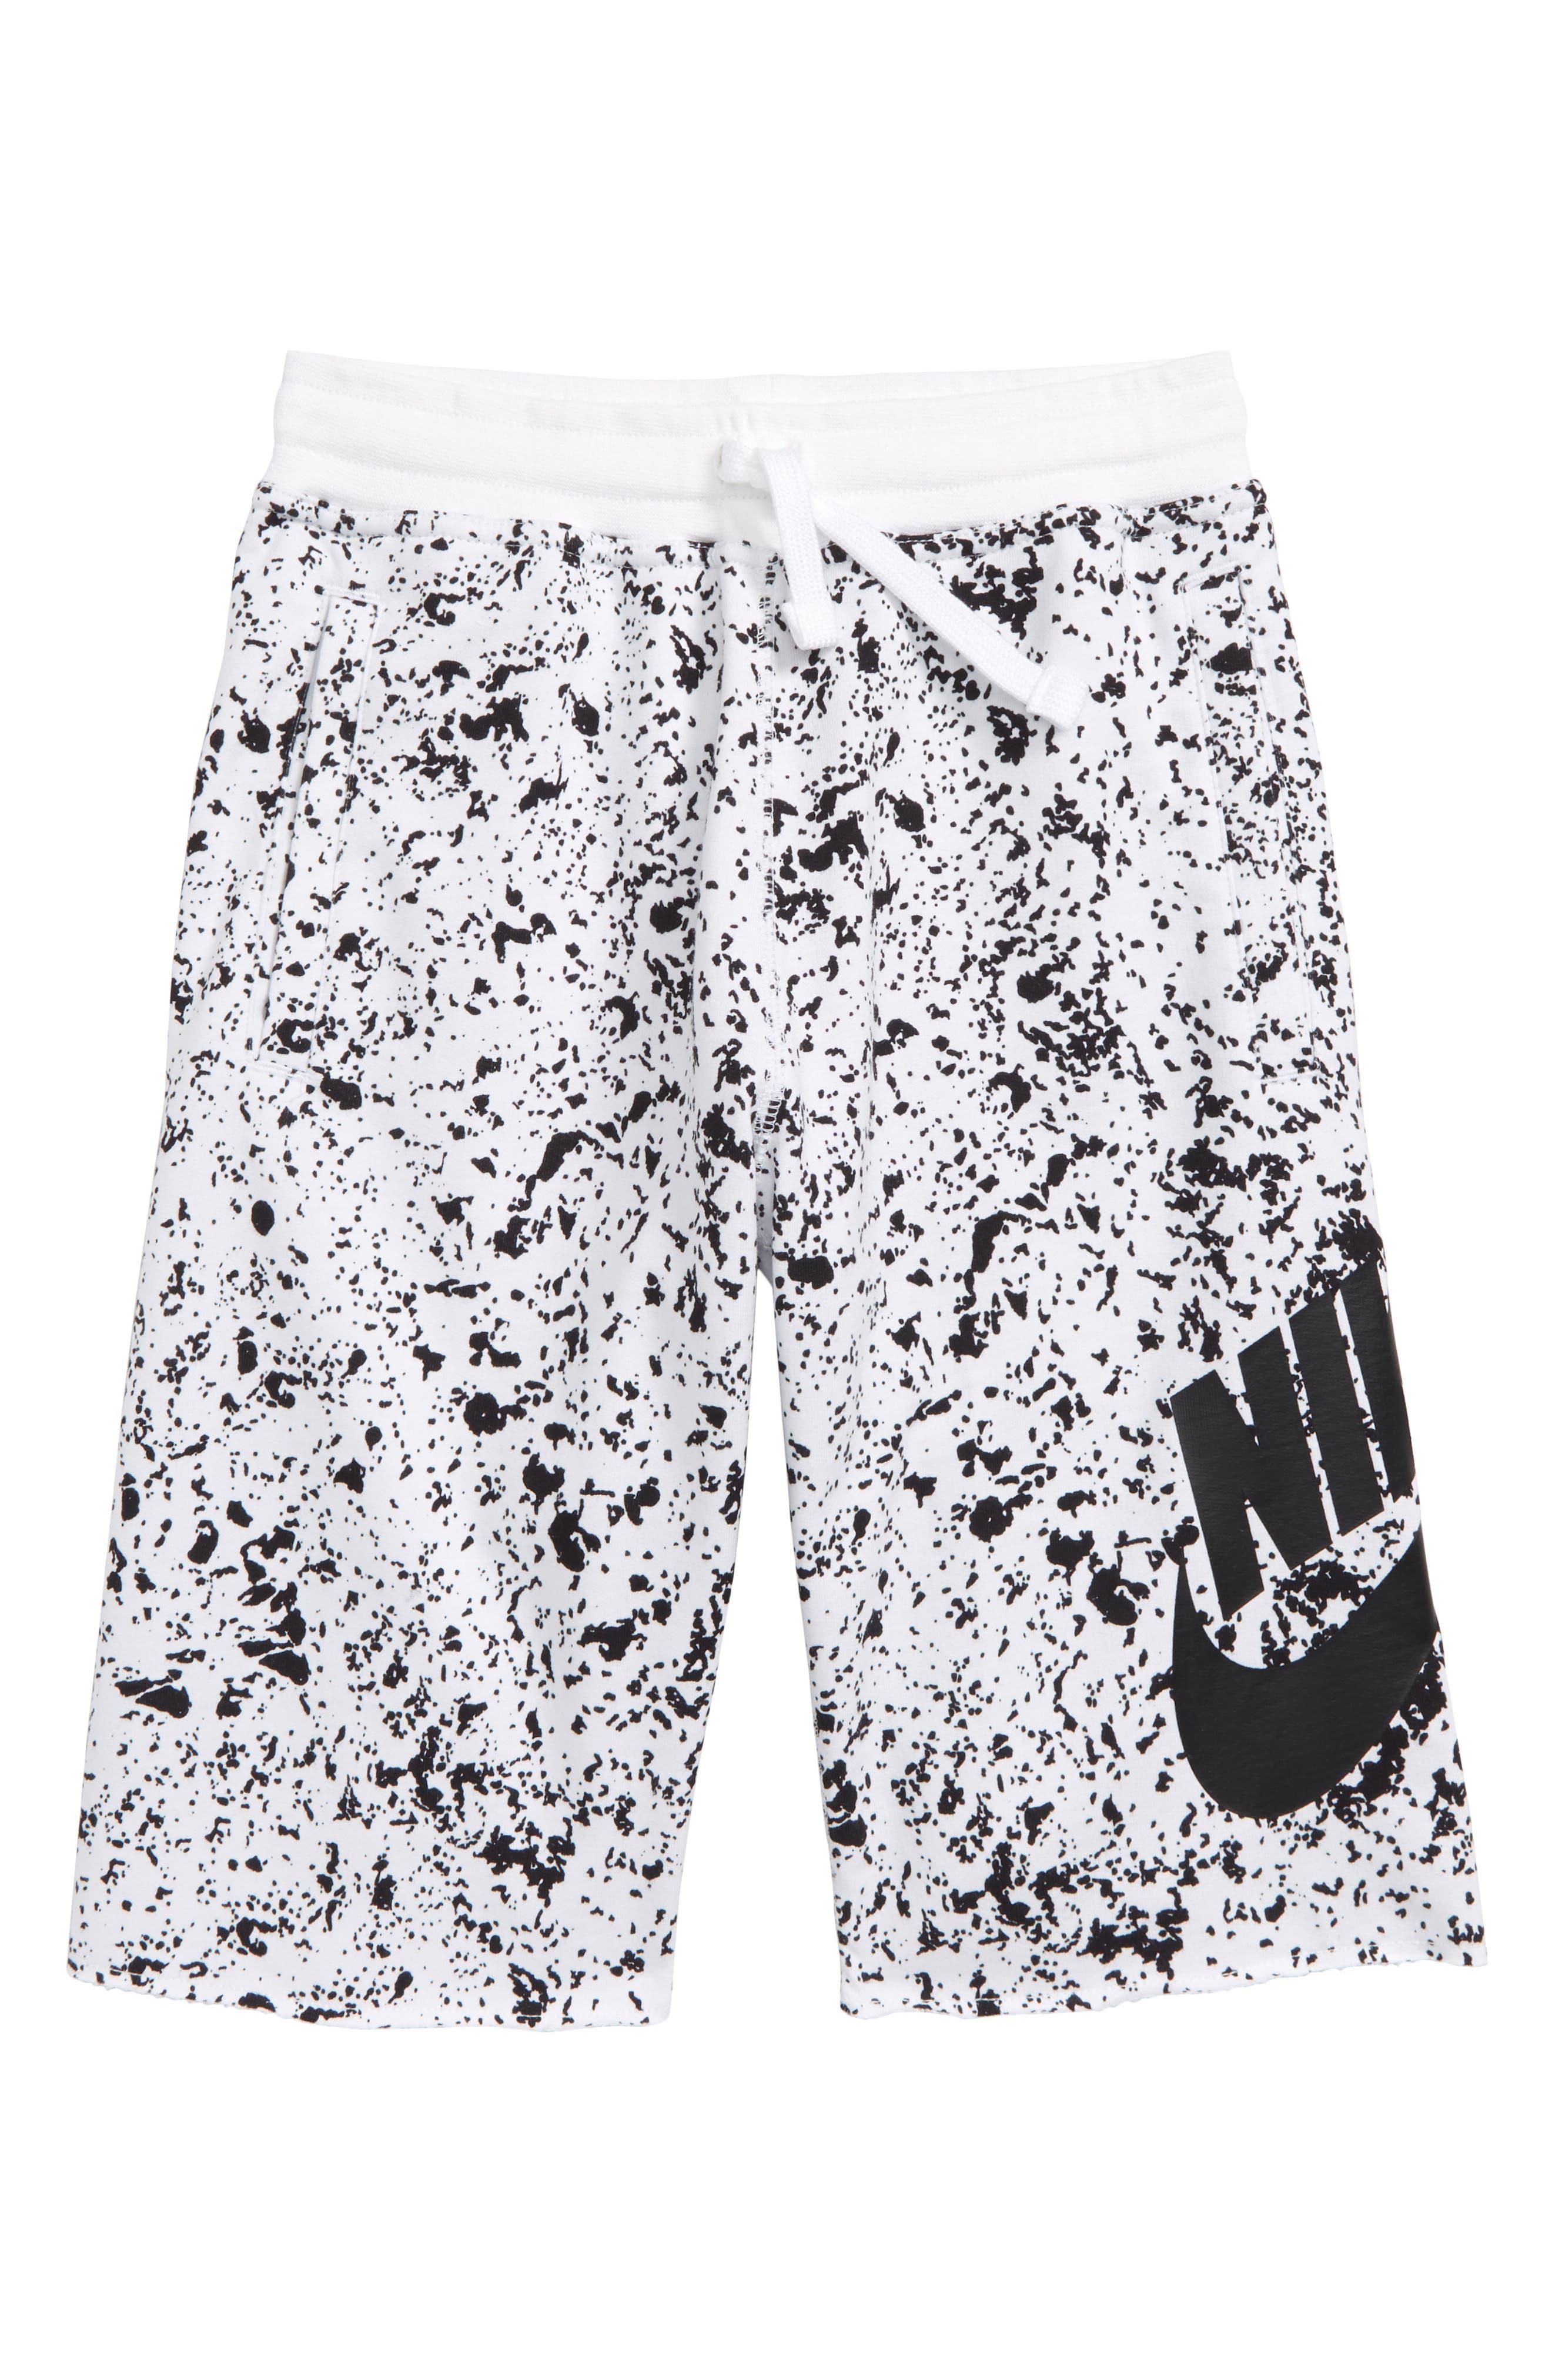 Sportswear Alumni Shorts,                             Main thumbnail 1, color,                             WHITE/ BLACK